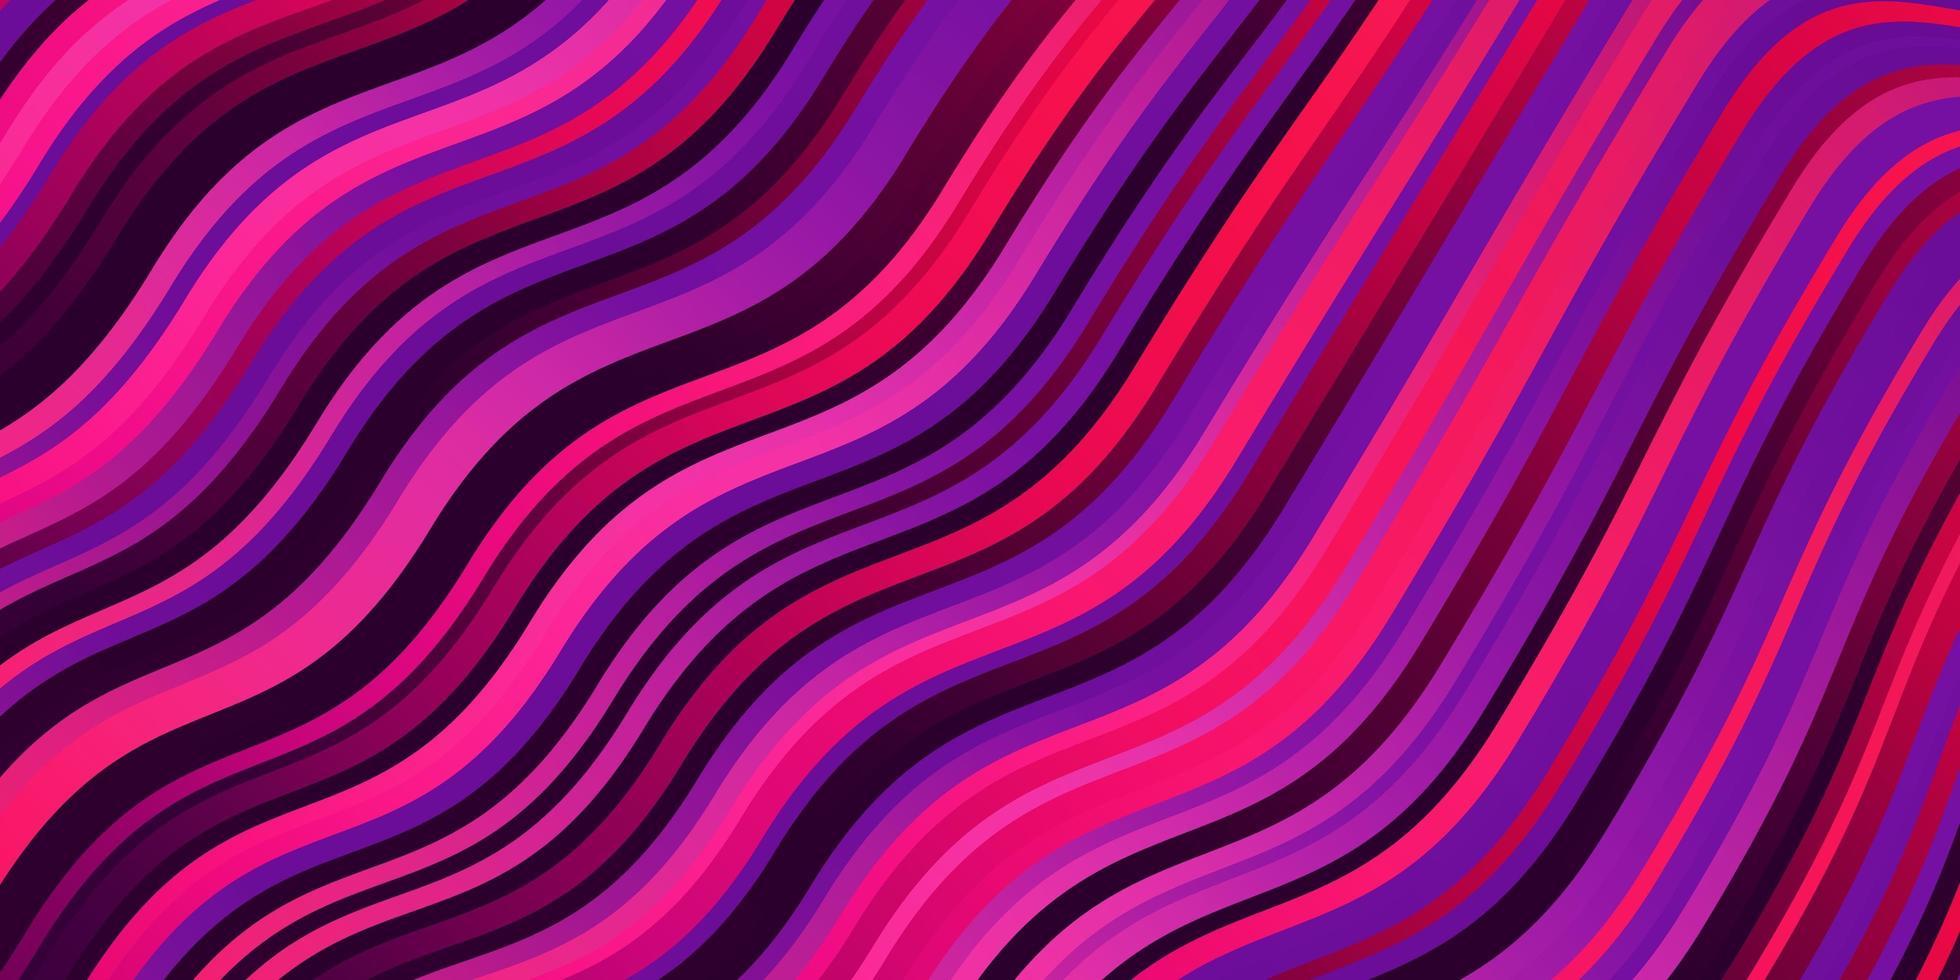 disposition de vecteur violet clair, rose avec arc de cercle.